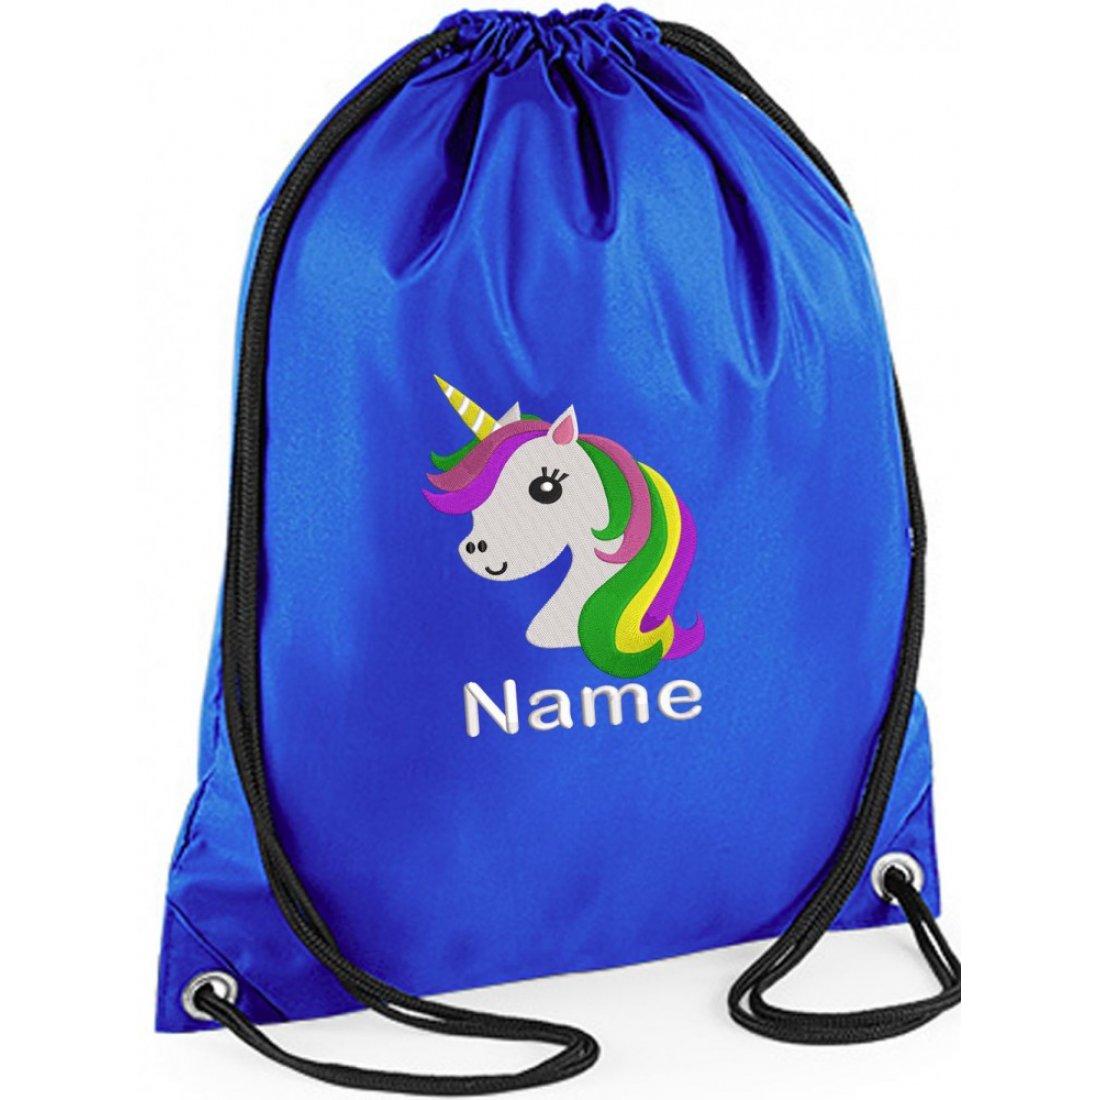 Unicorn Gym Bag Embroidered